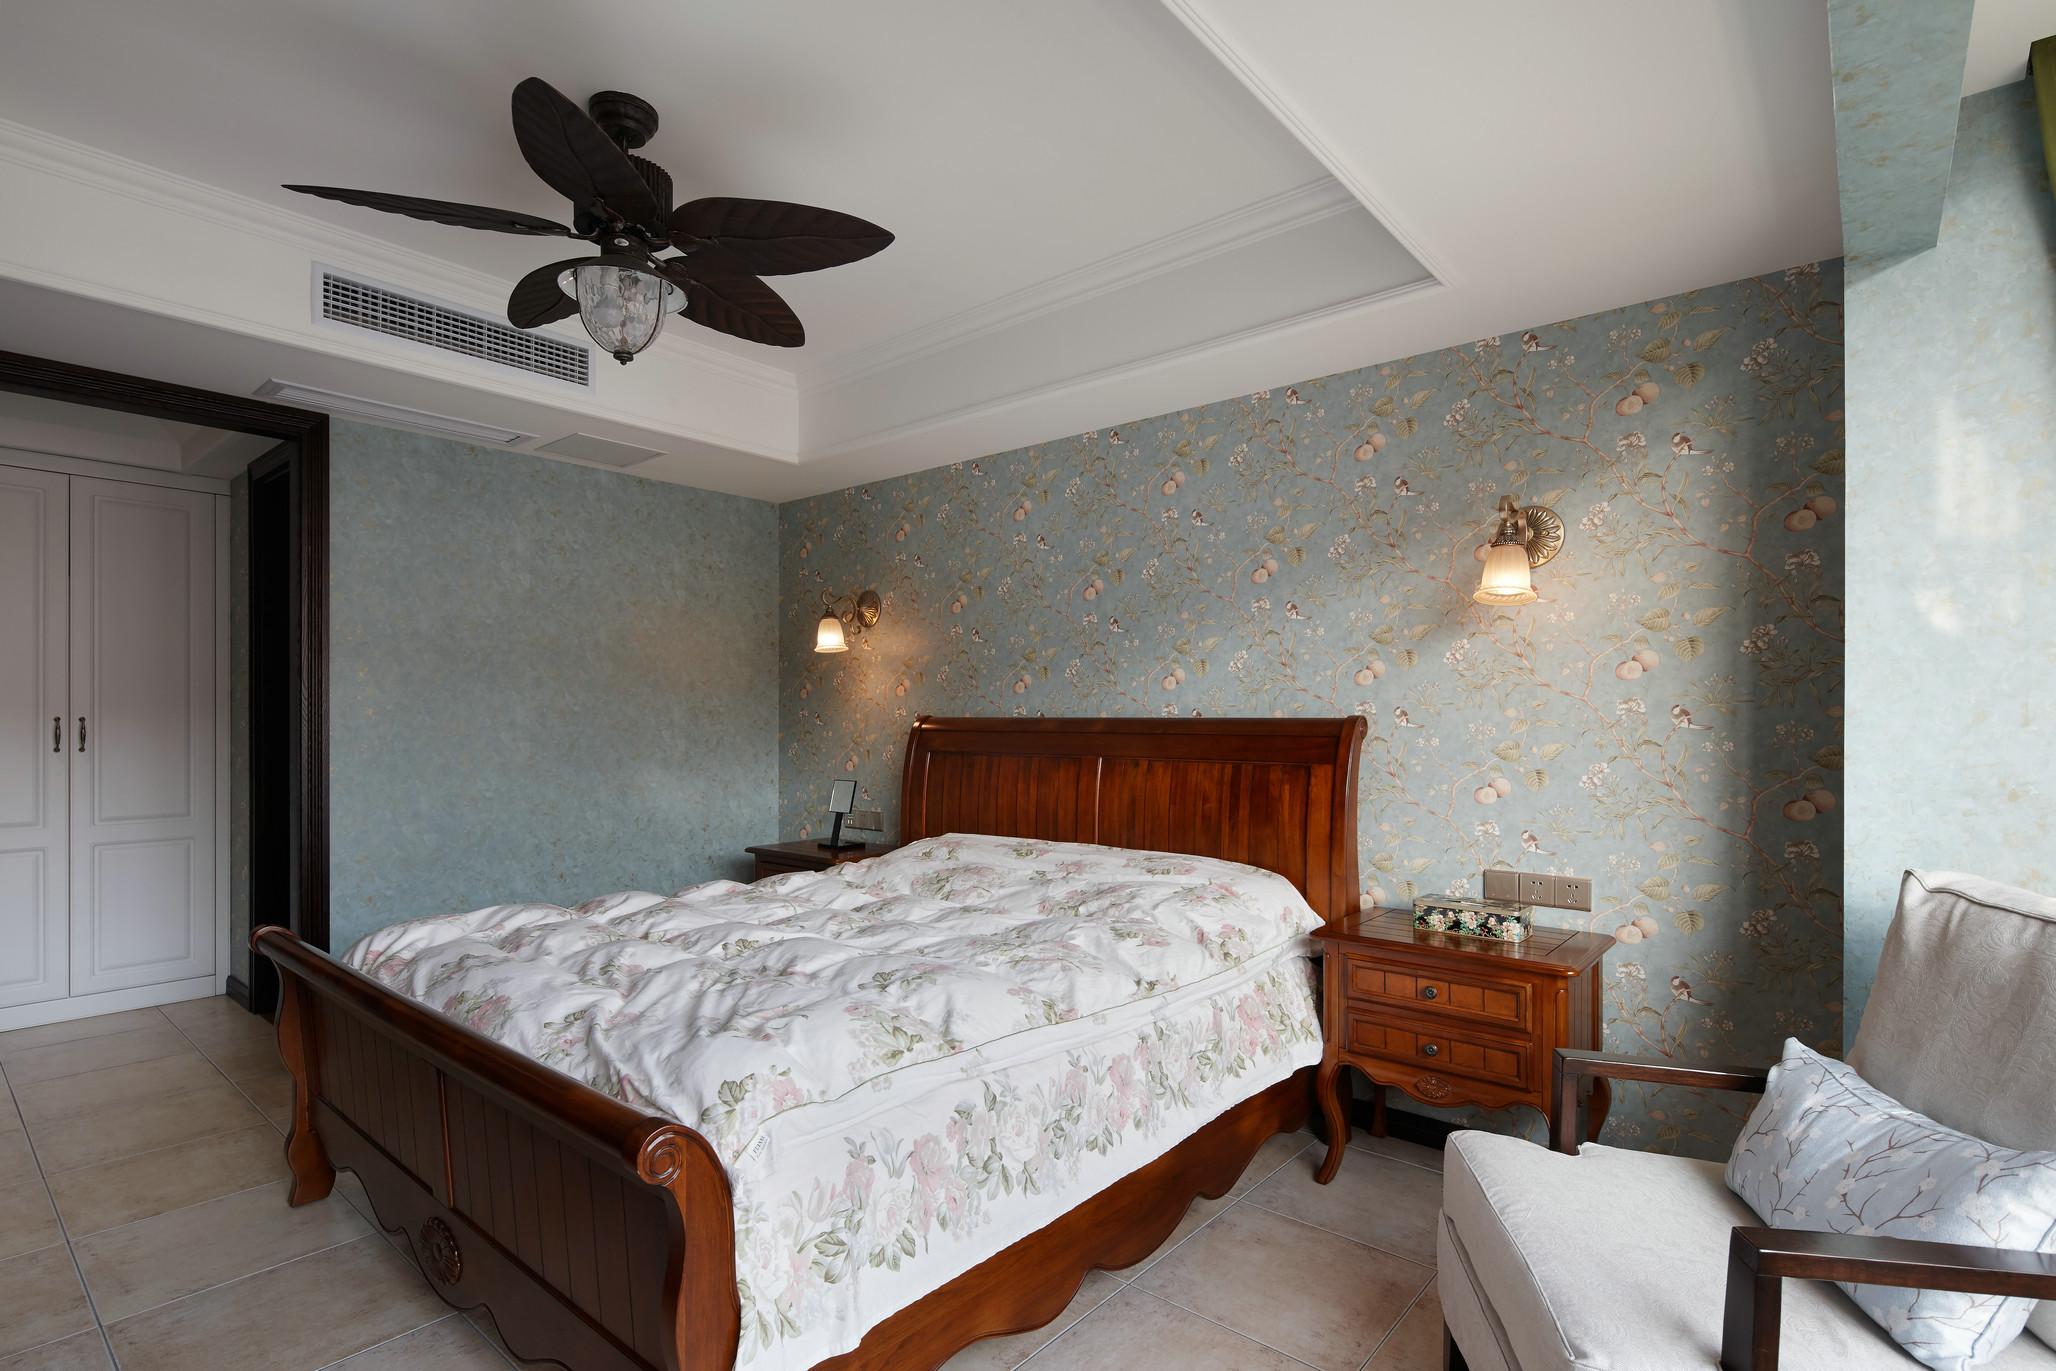 房主人对主卧的布置很用心,画色床品与侧面的沙发相呼应